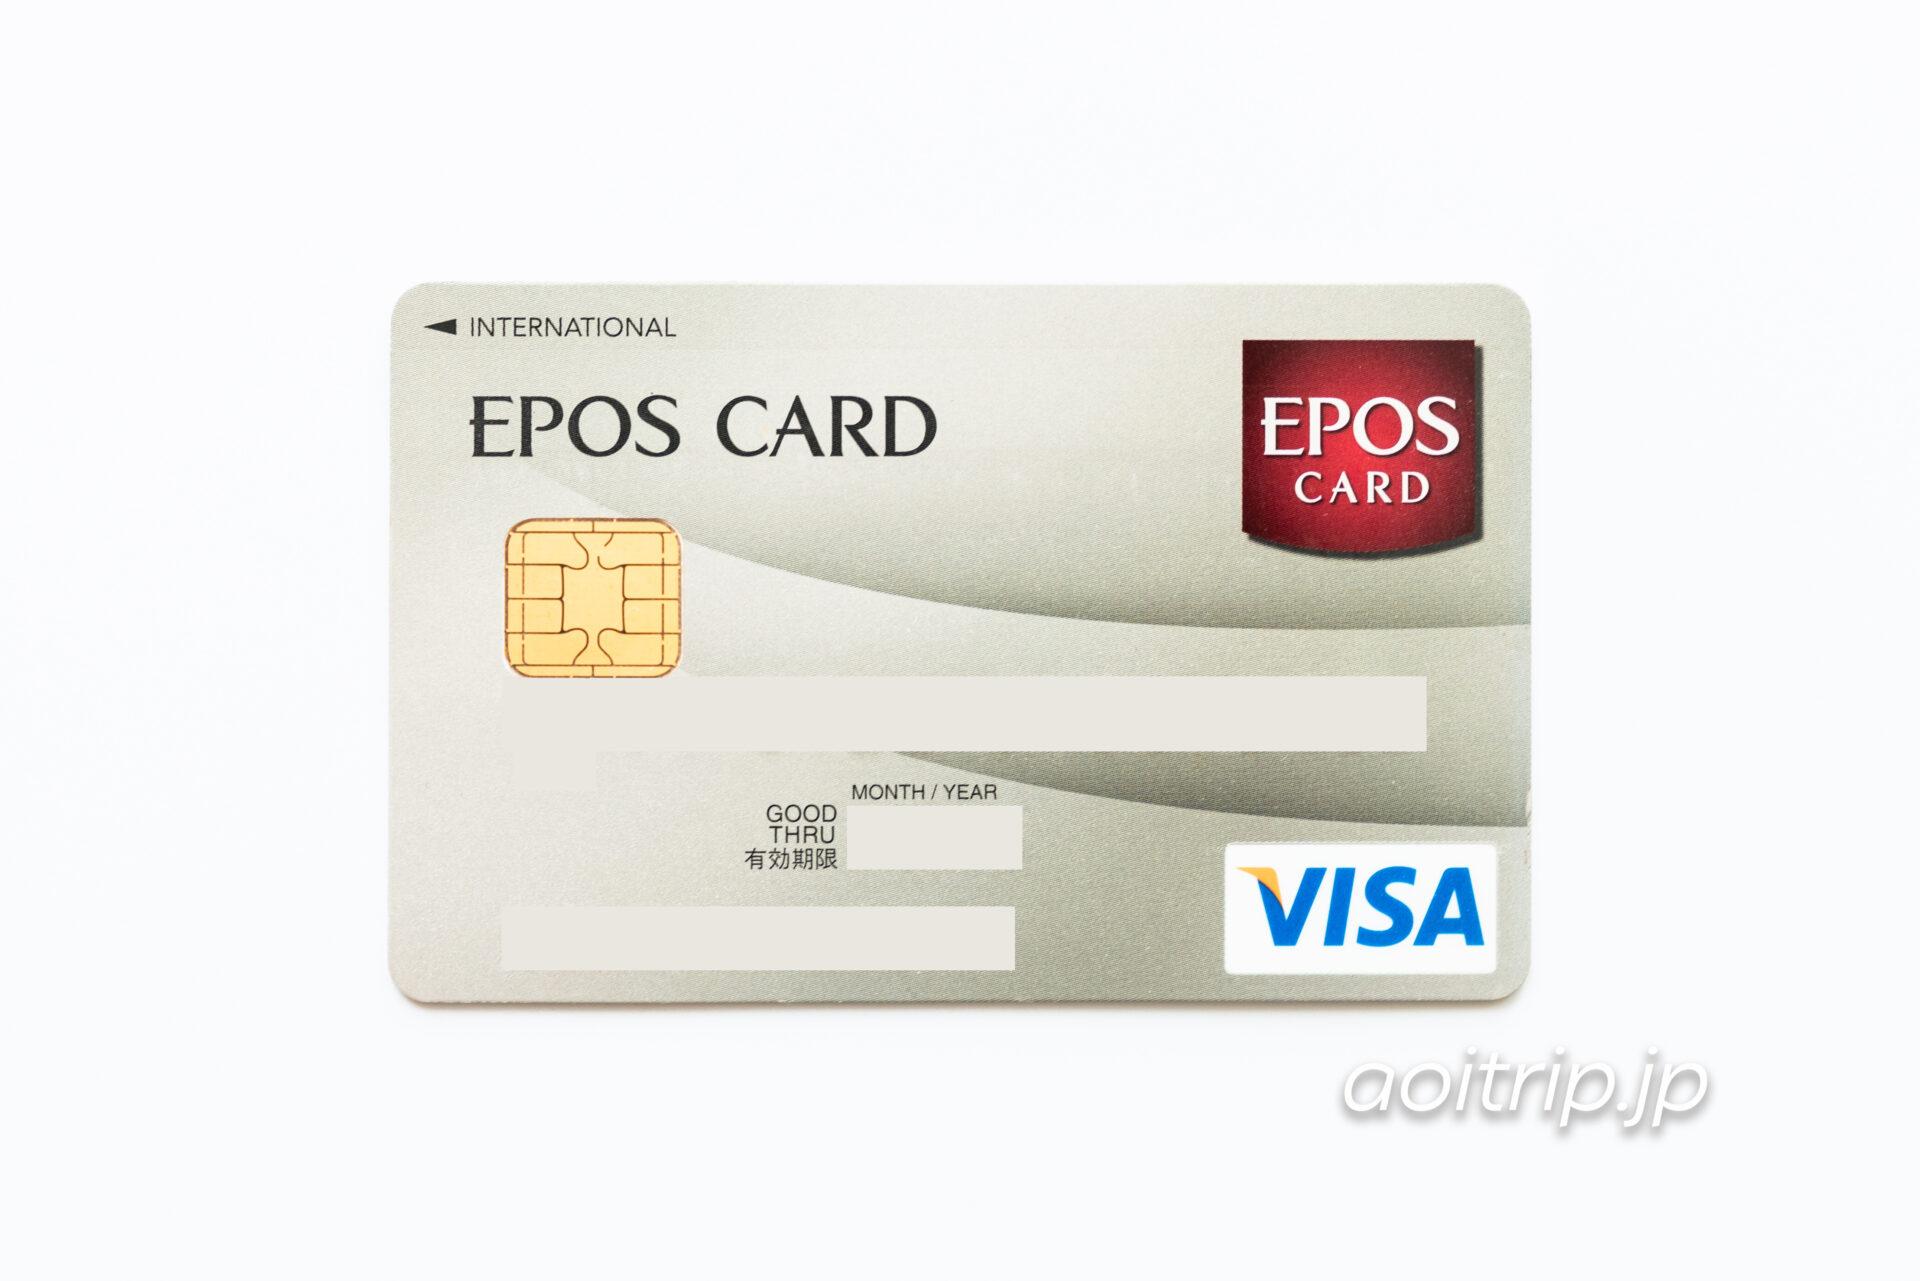 エポス普通カードの券面